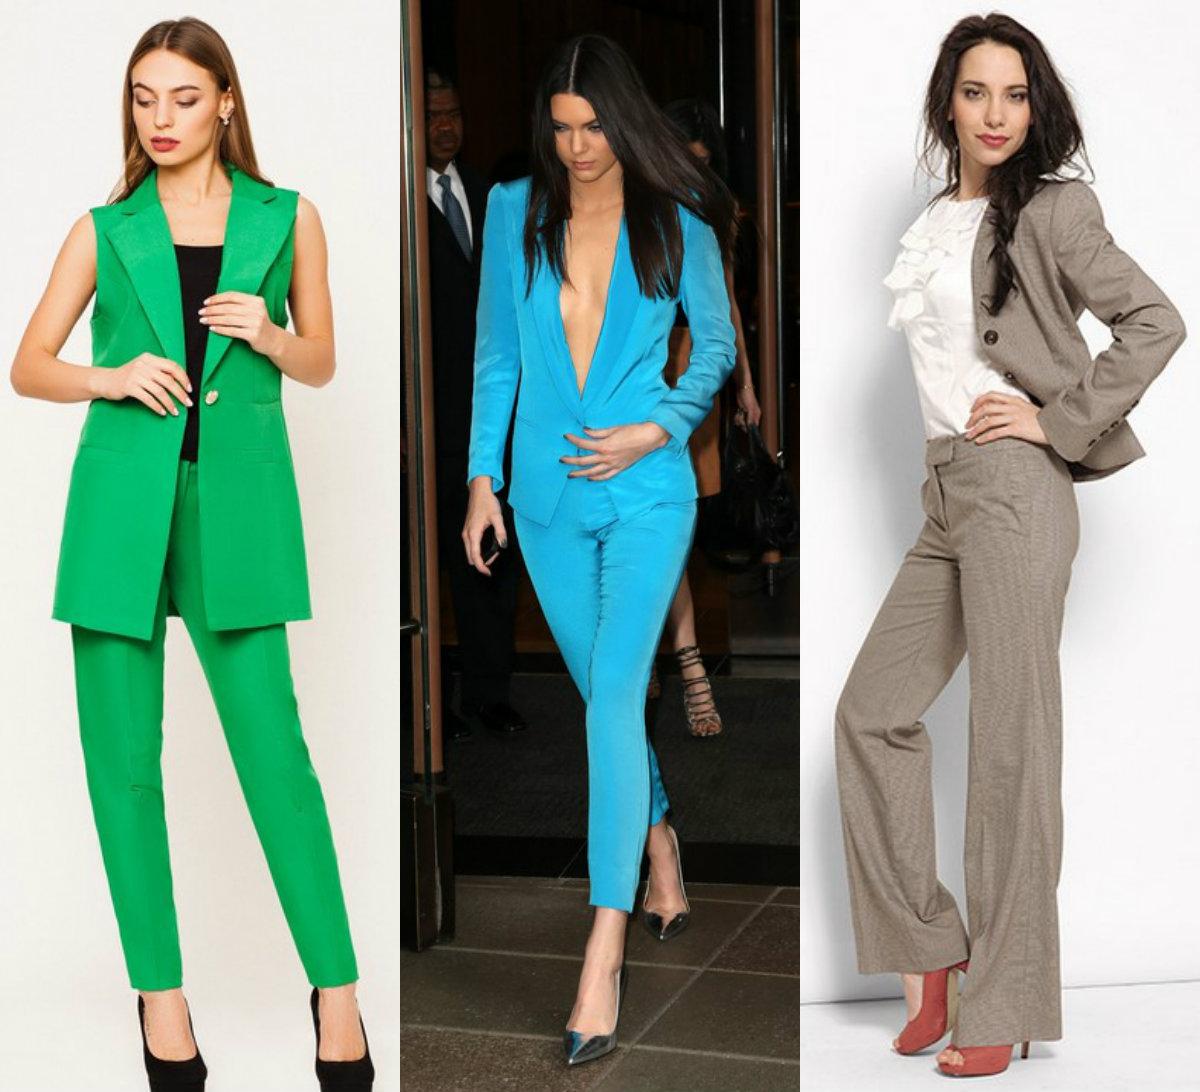 Женские костюмы 2018 : модные варианты с топами и без